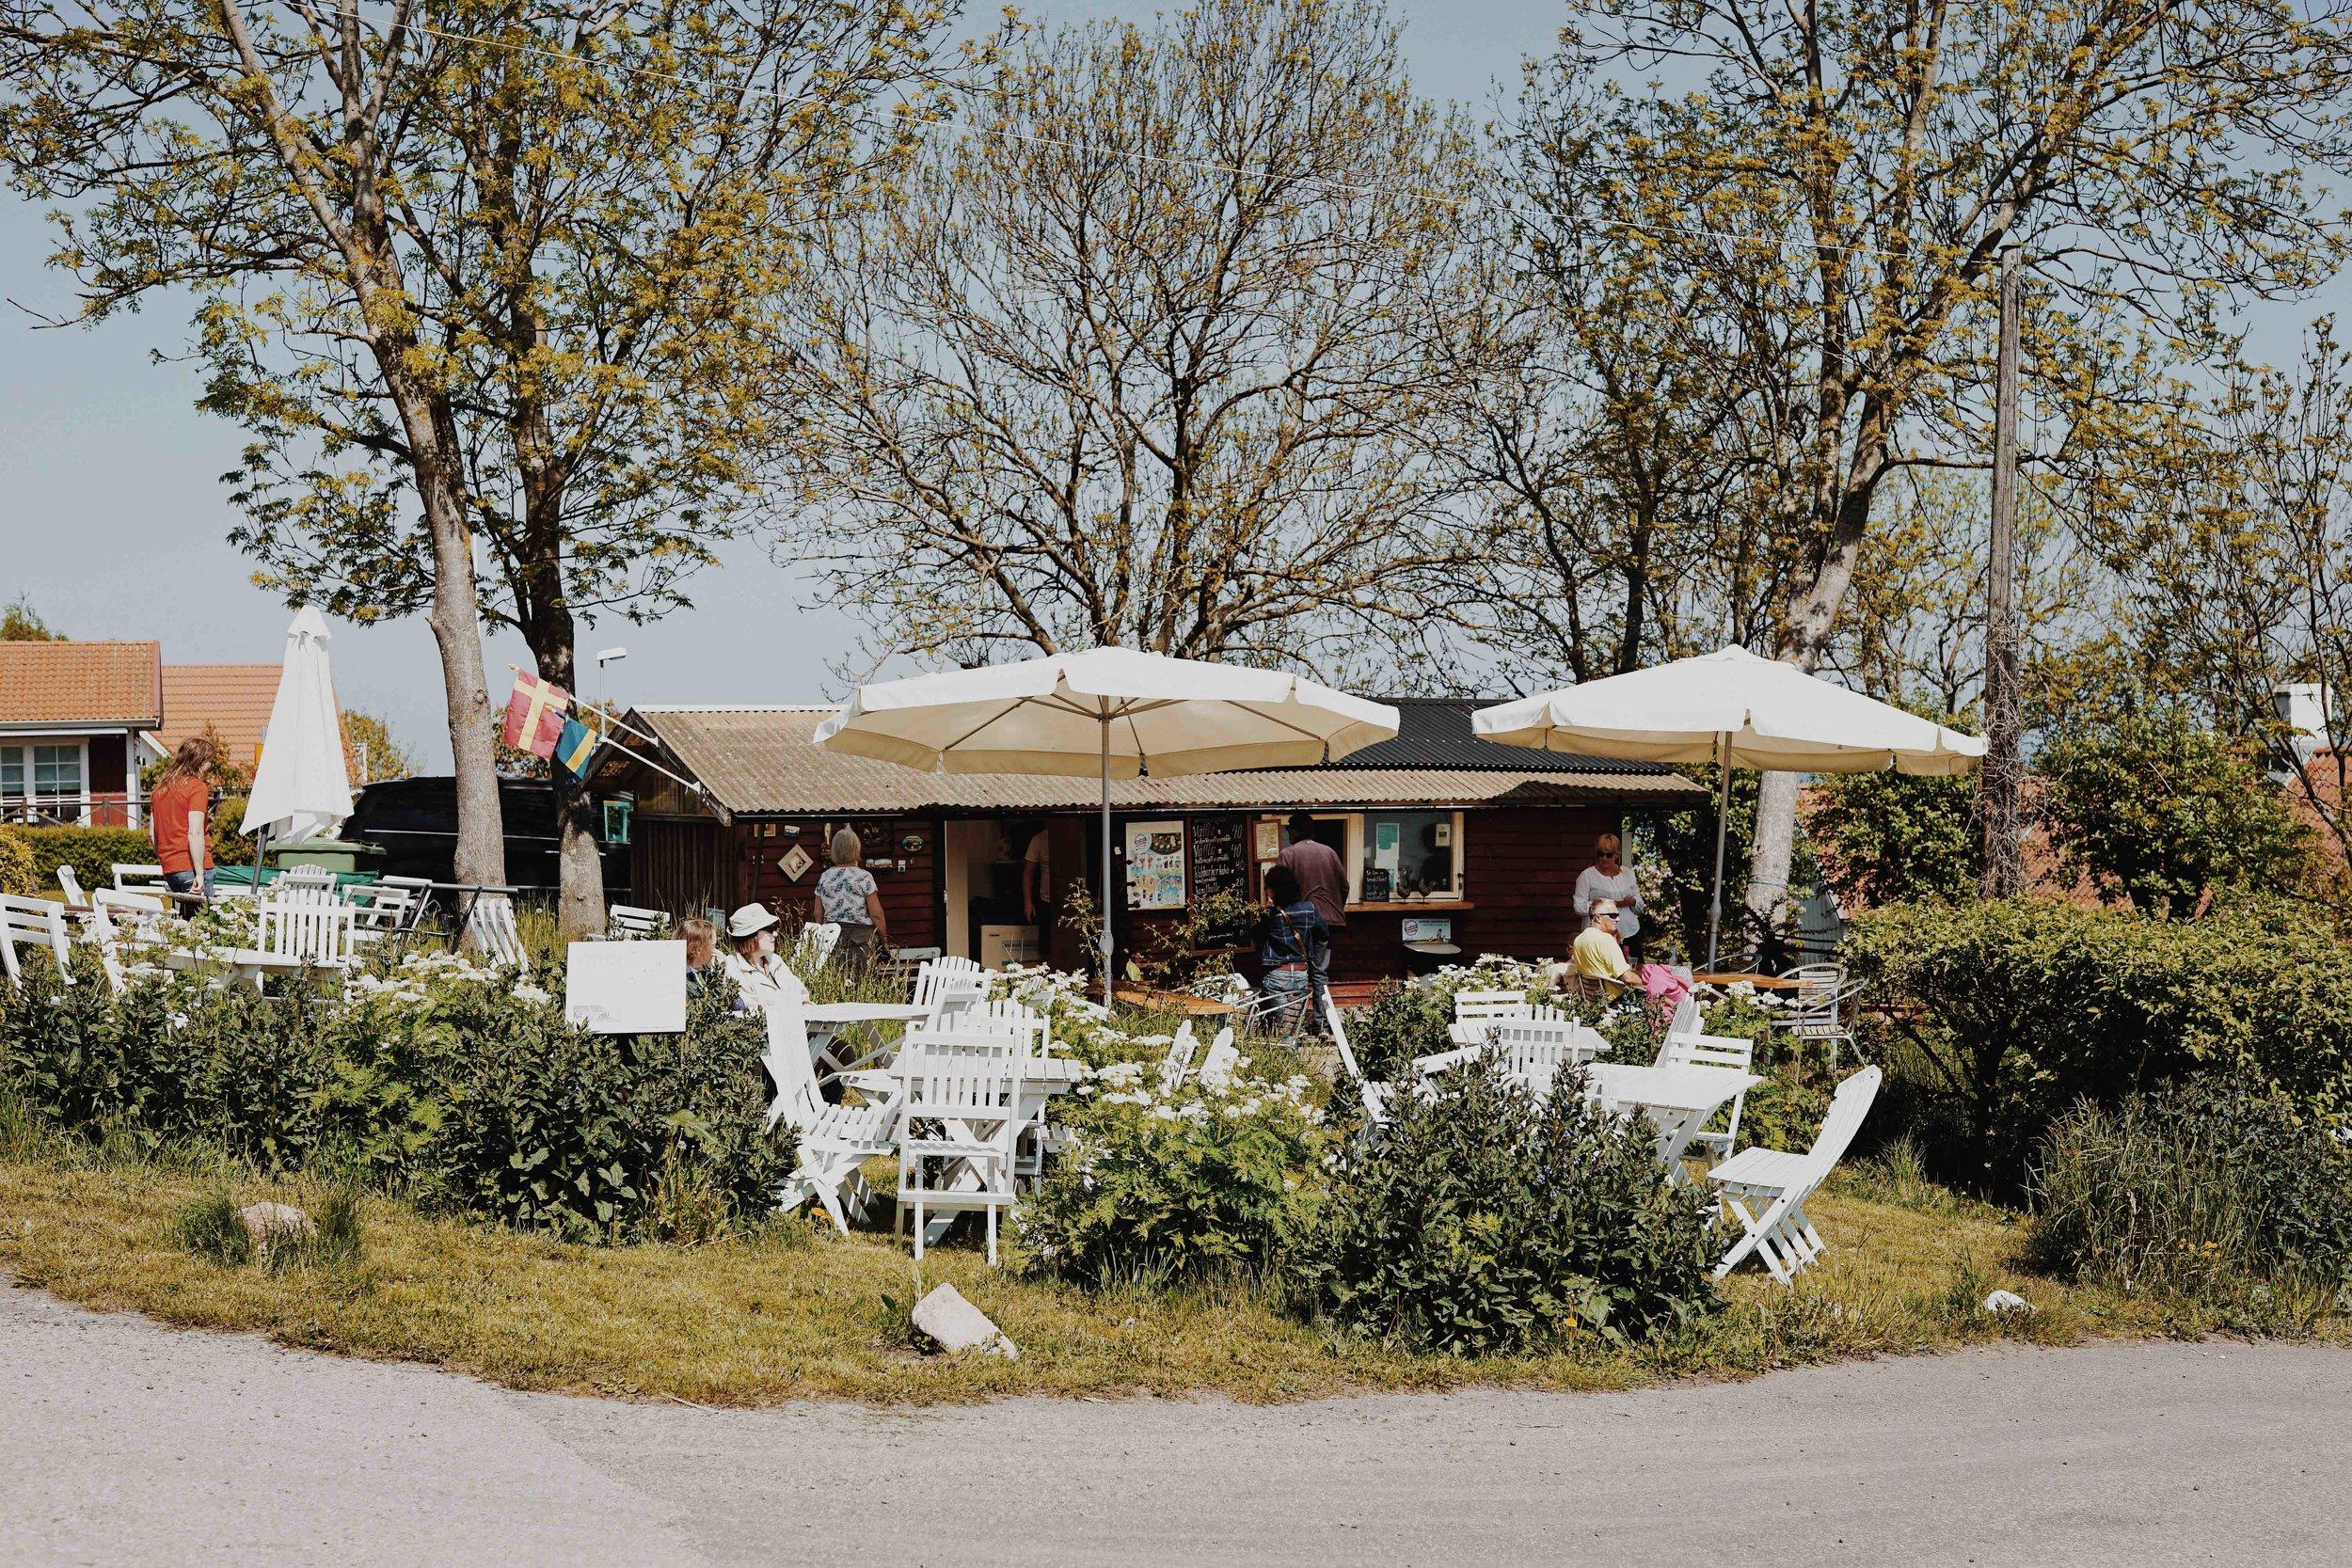 ASROSENVINGE_VisitSkane_Sweden_Kattvik_Harbour_Cafe_LowRes-184.jpg